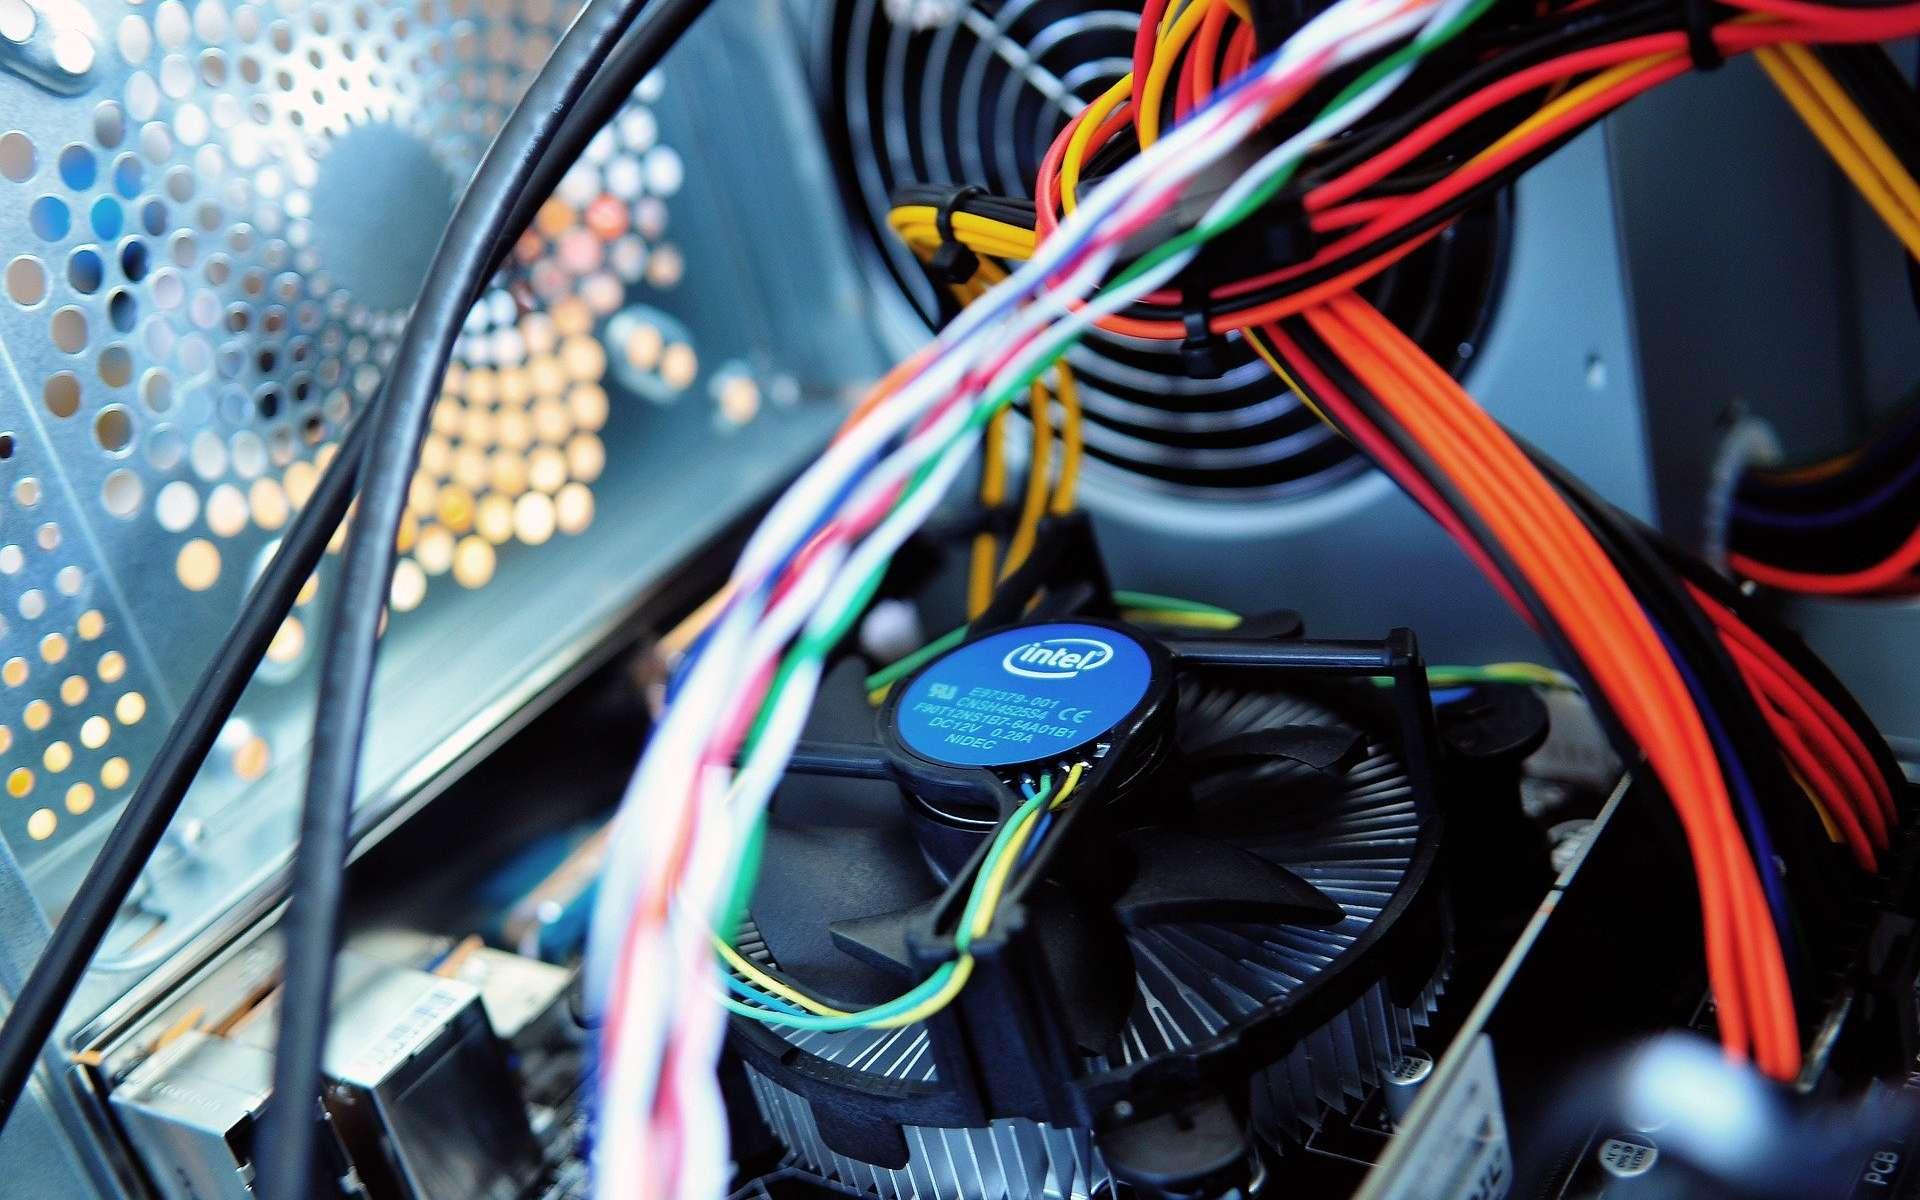 En modulant la vitesse du ventilateur d'un PC, il est possible de transmettre des données à un smartphone © fannycrave1 / Pixabay